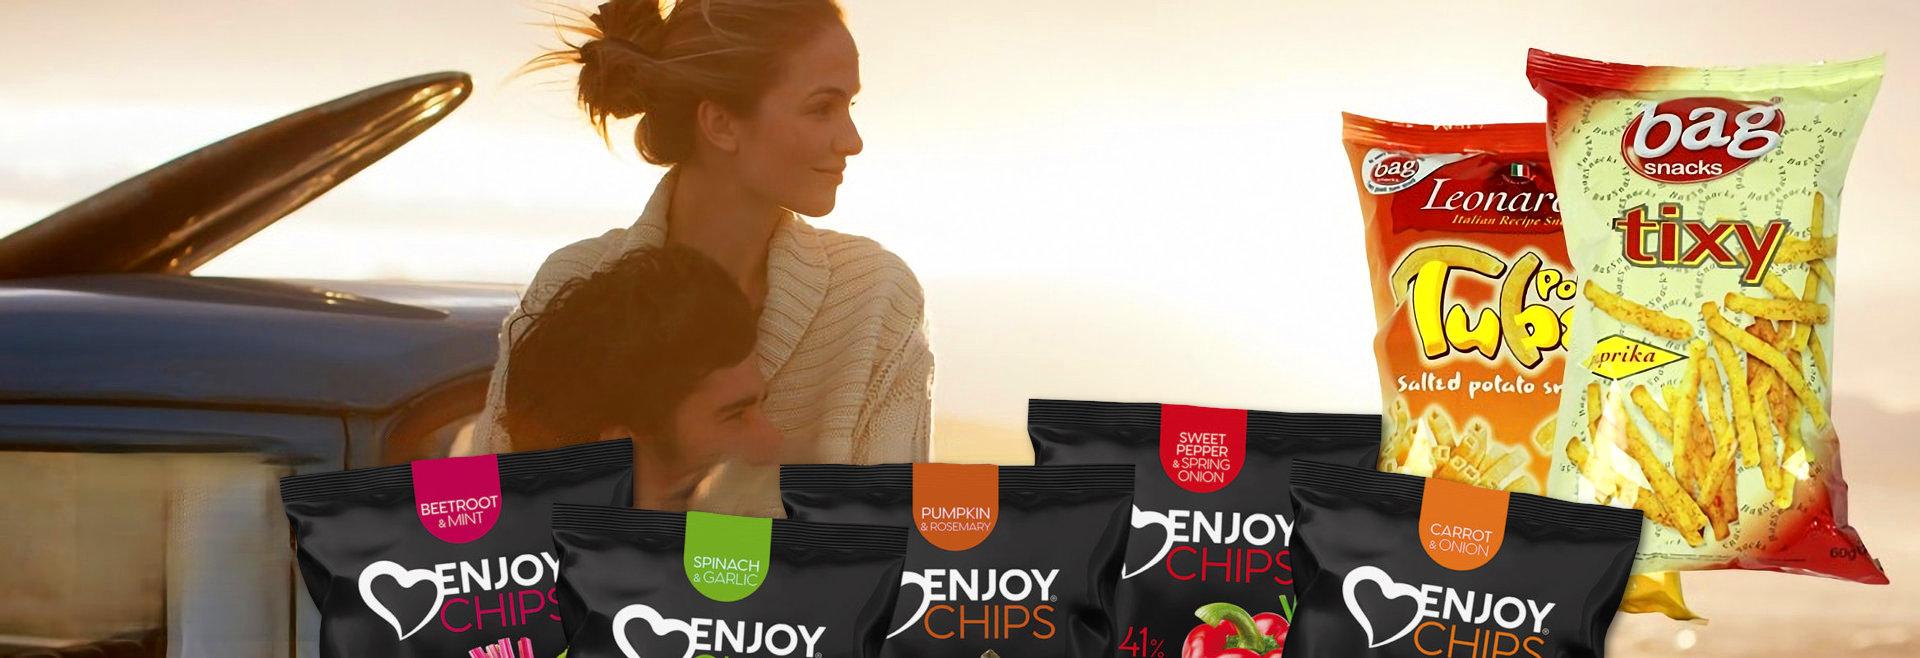 bag snacks